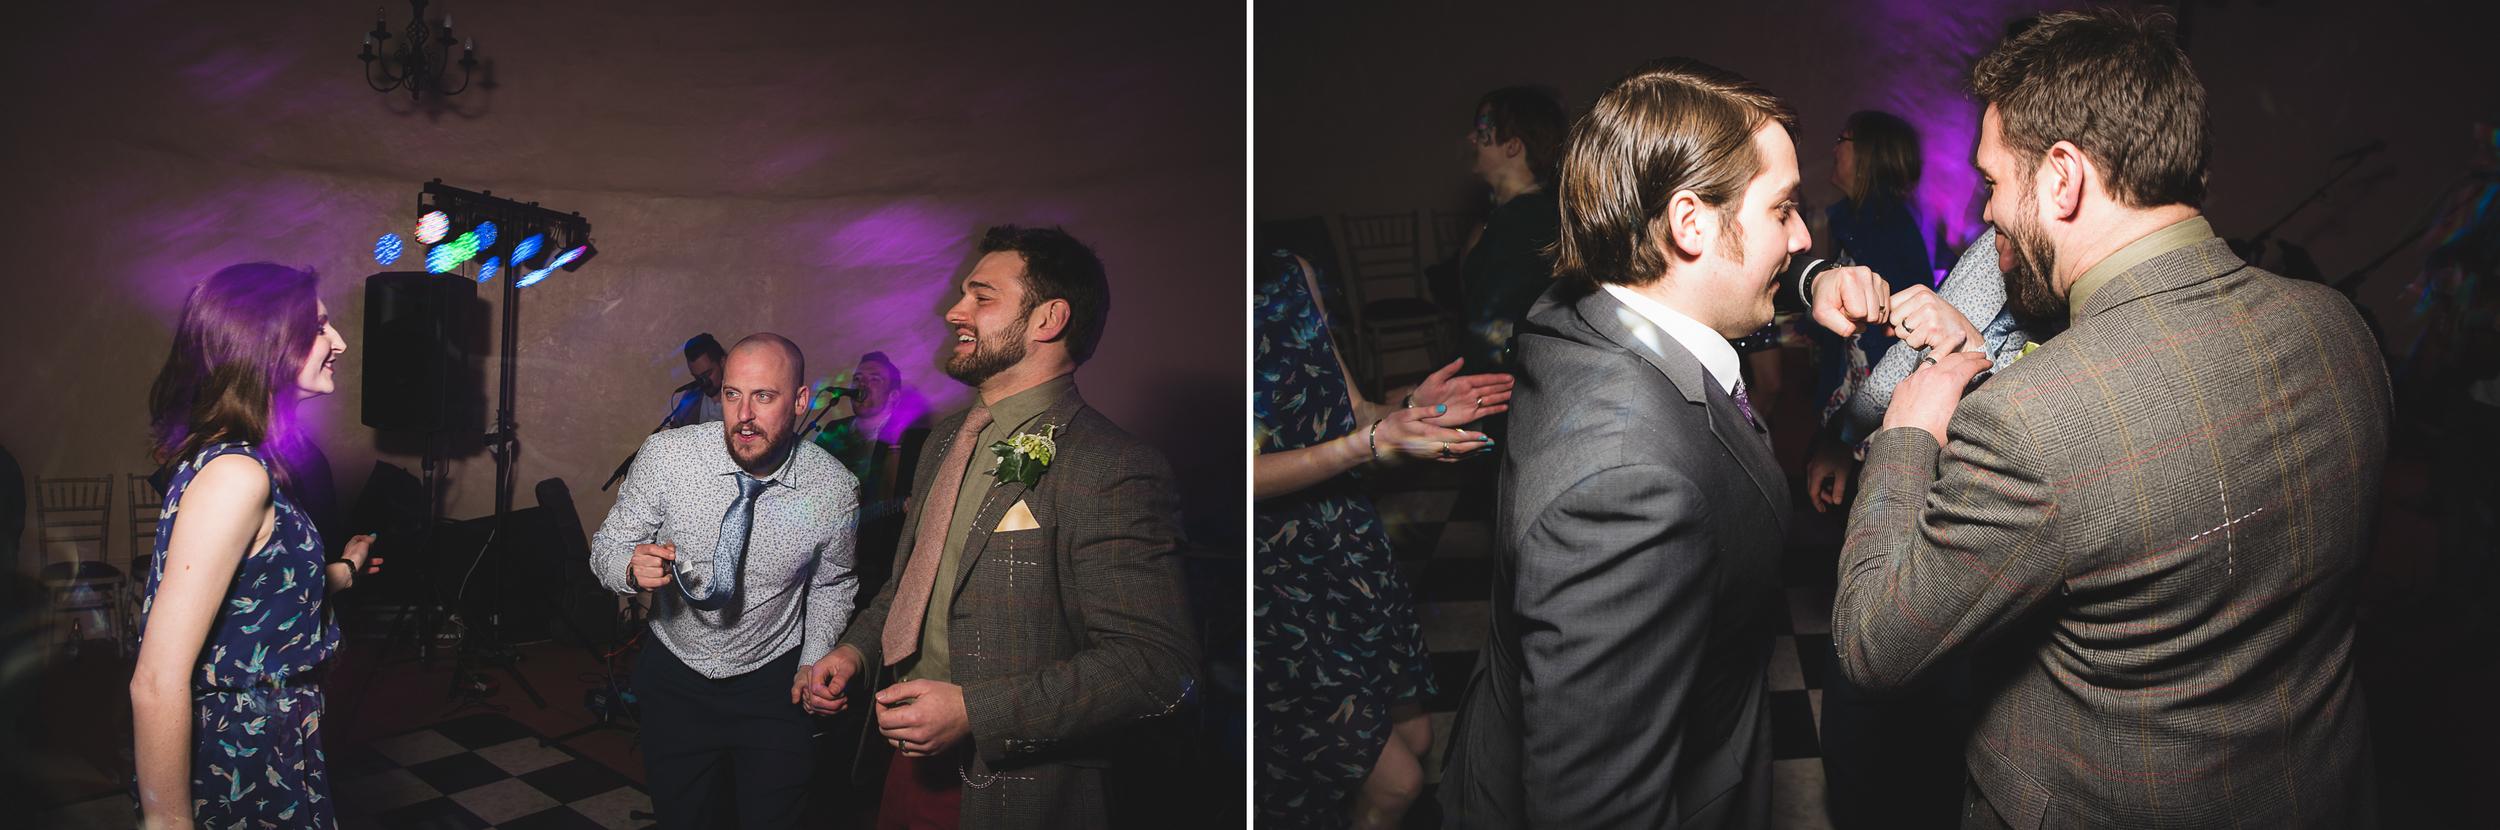 wedding-dj-bristol.jpg